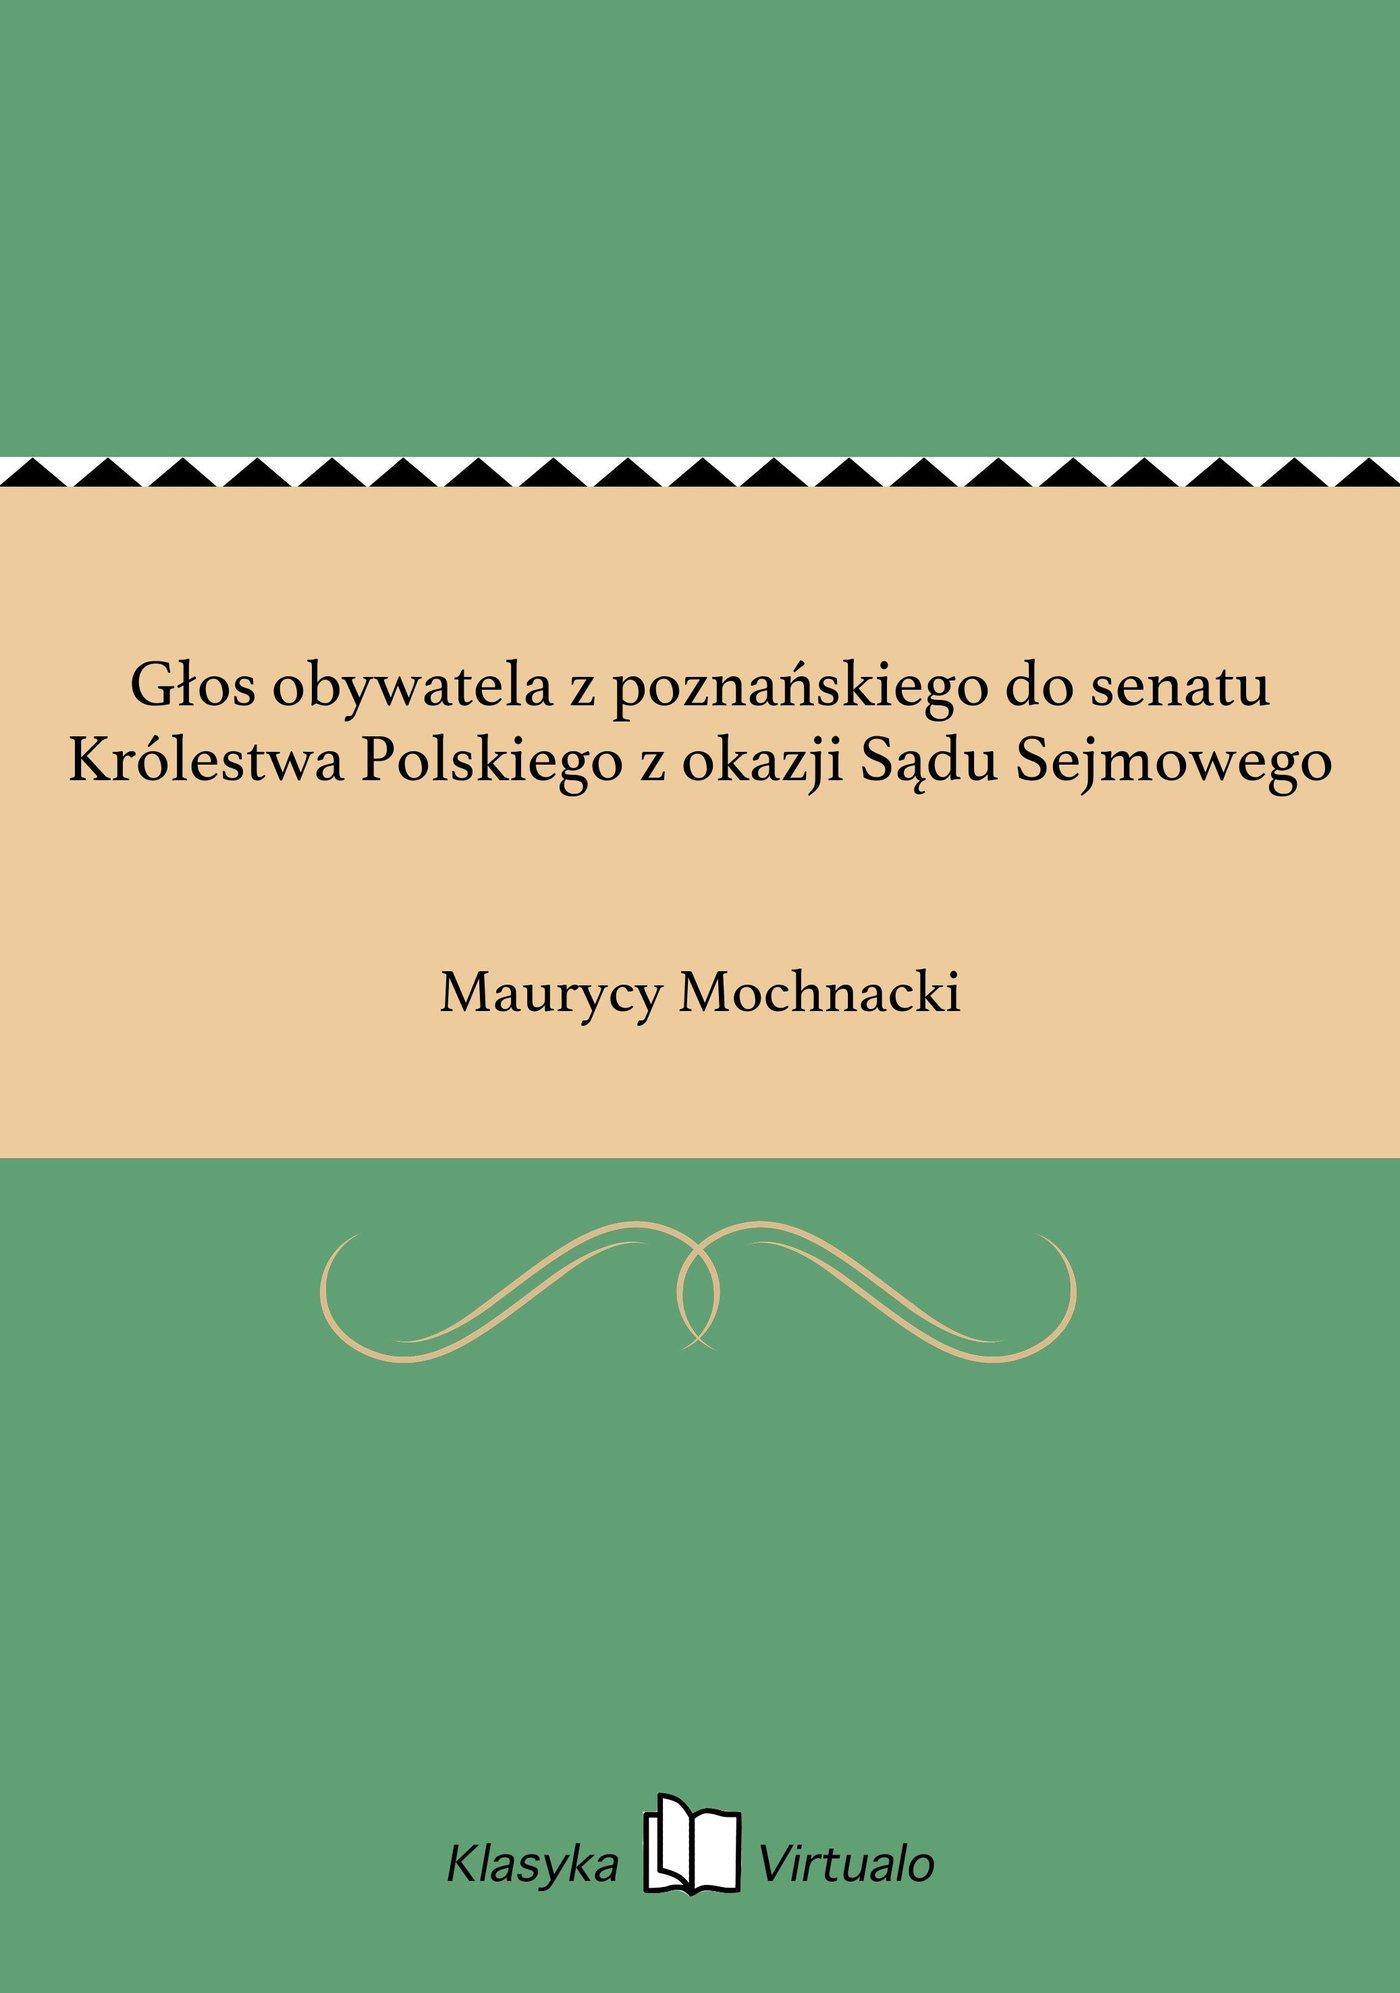 Głos obywatela z poznańskiego do senatu Królestwa Polskiego z okazji Sądu Sejmowego - Ebook (Książka EPUB) do pobrania w formacie EPUB